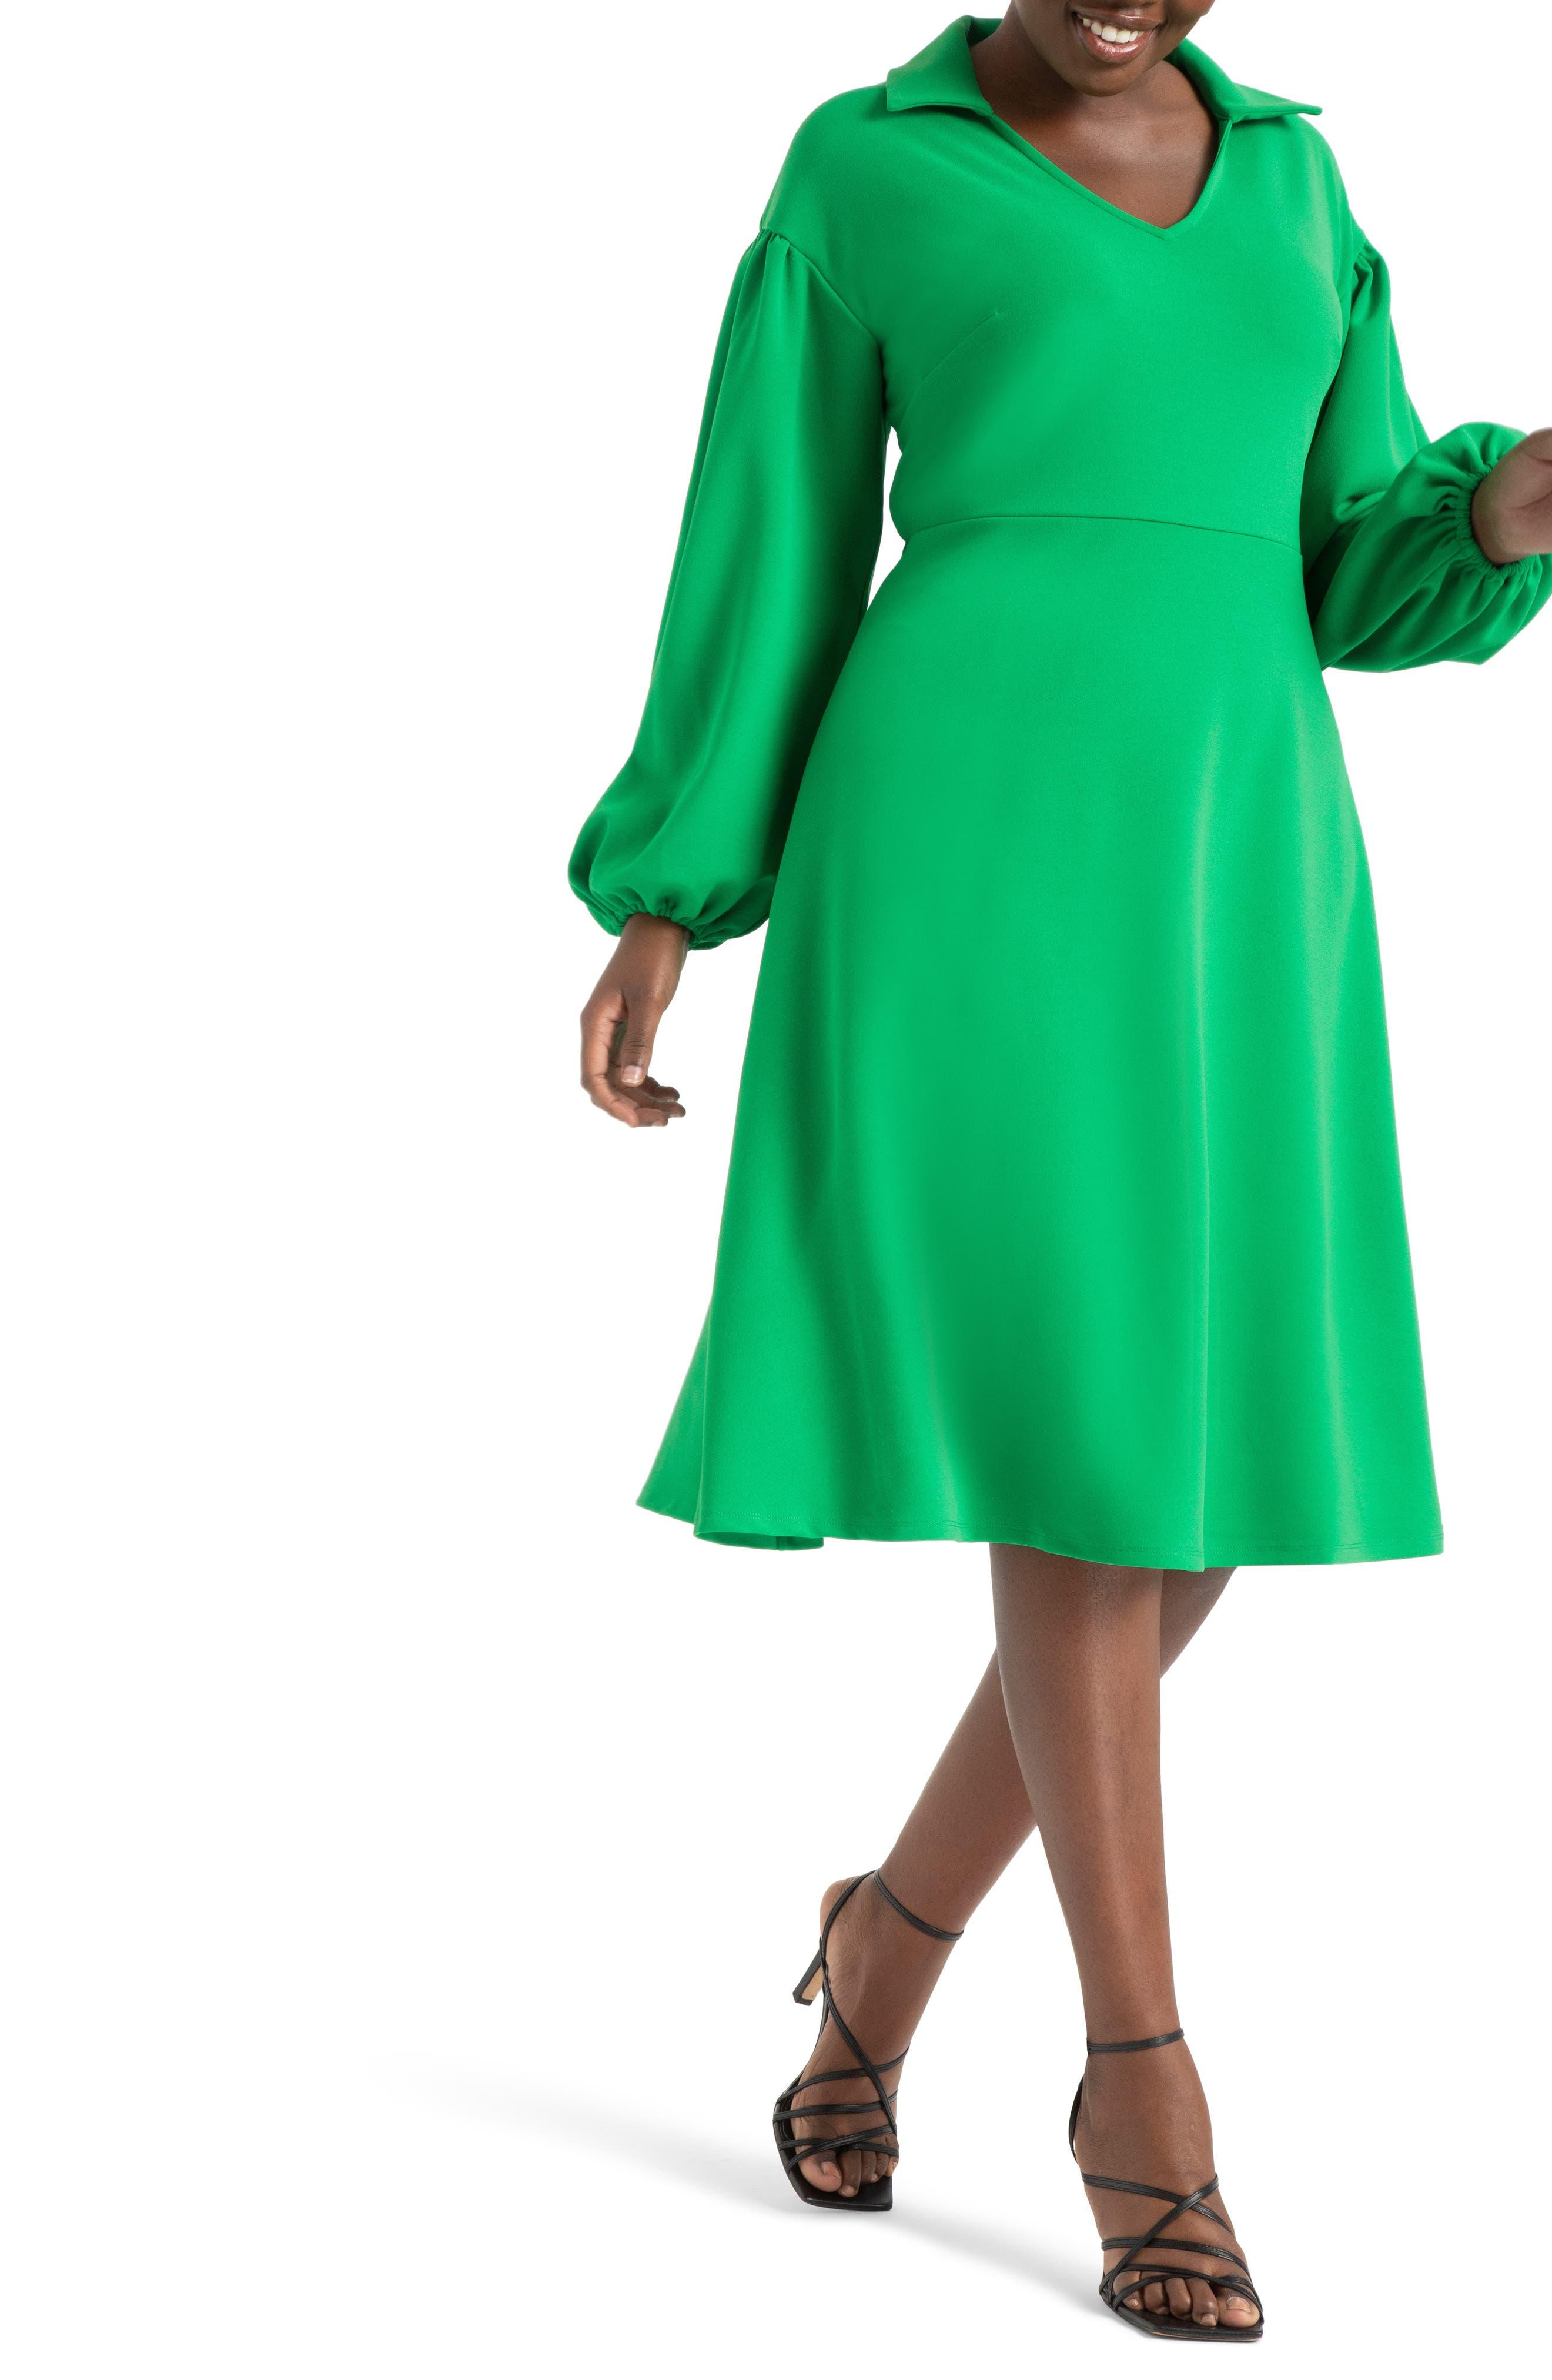 60s Dresses | 1960s Dresses Mod, Mini, Hippie Plus Size Womens Eloquii Drop Shoulder Fit  Flare Midi Dress Size 22W - Green $59.98 AT vintagedancer.com